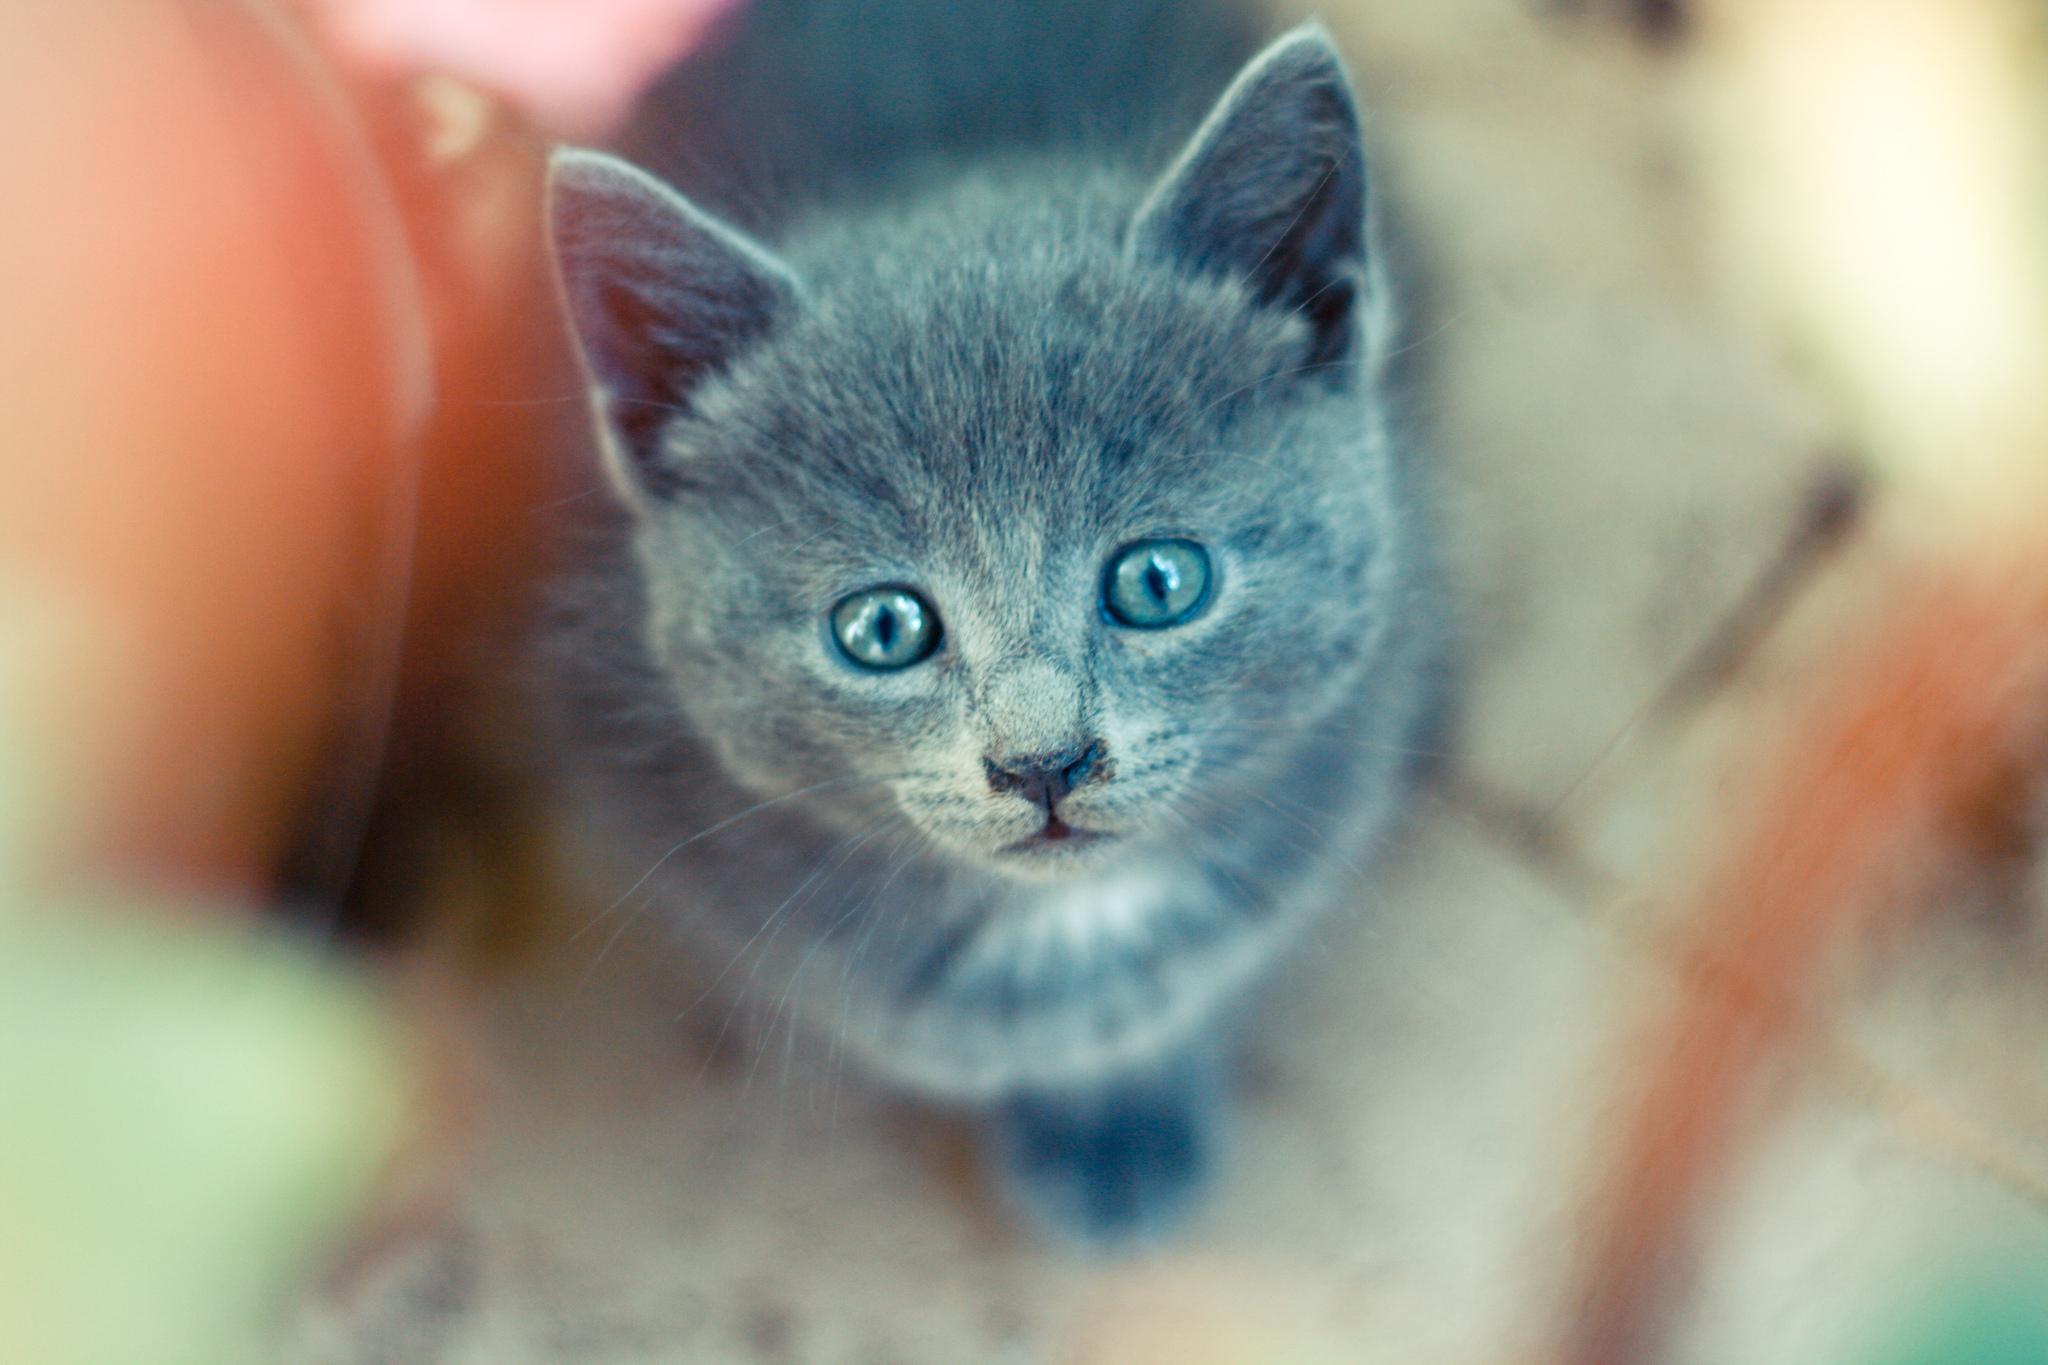 природа животные кот котенок серый журавлики nature animals cat kitten grey cranes  № 654676 бесплатно